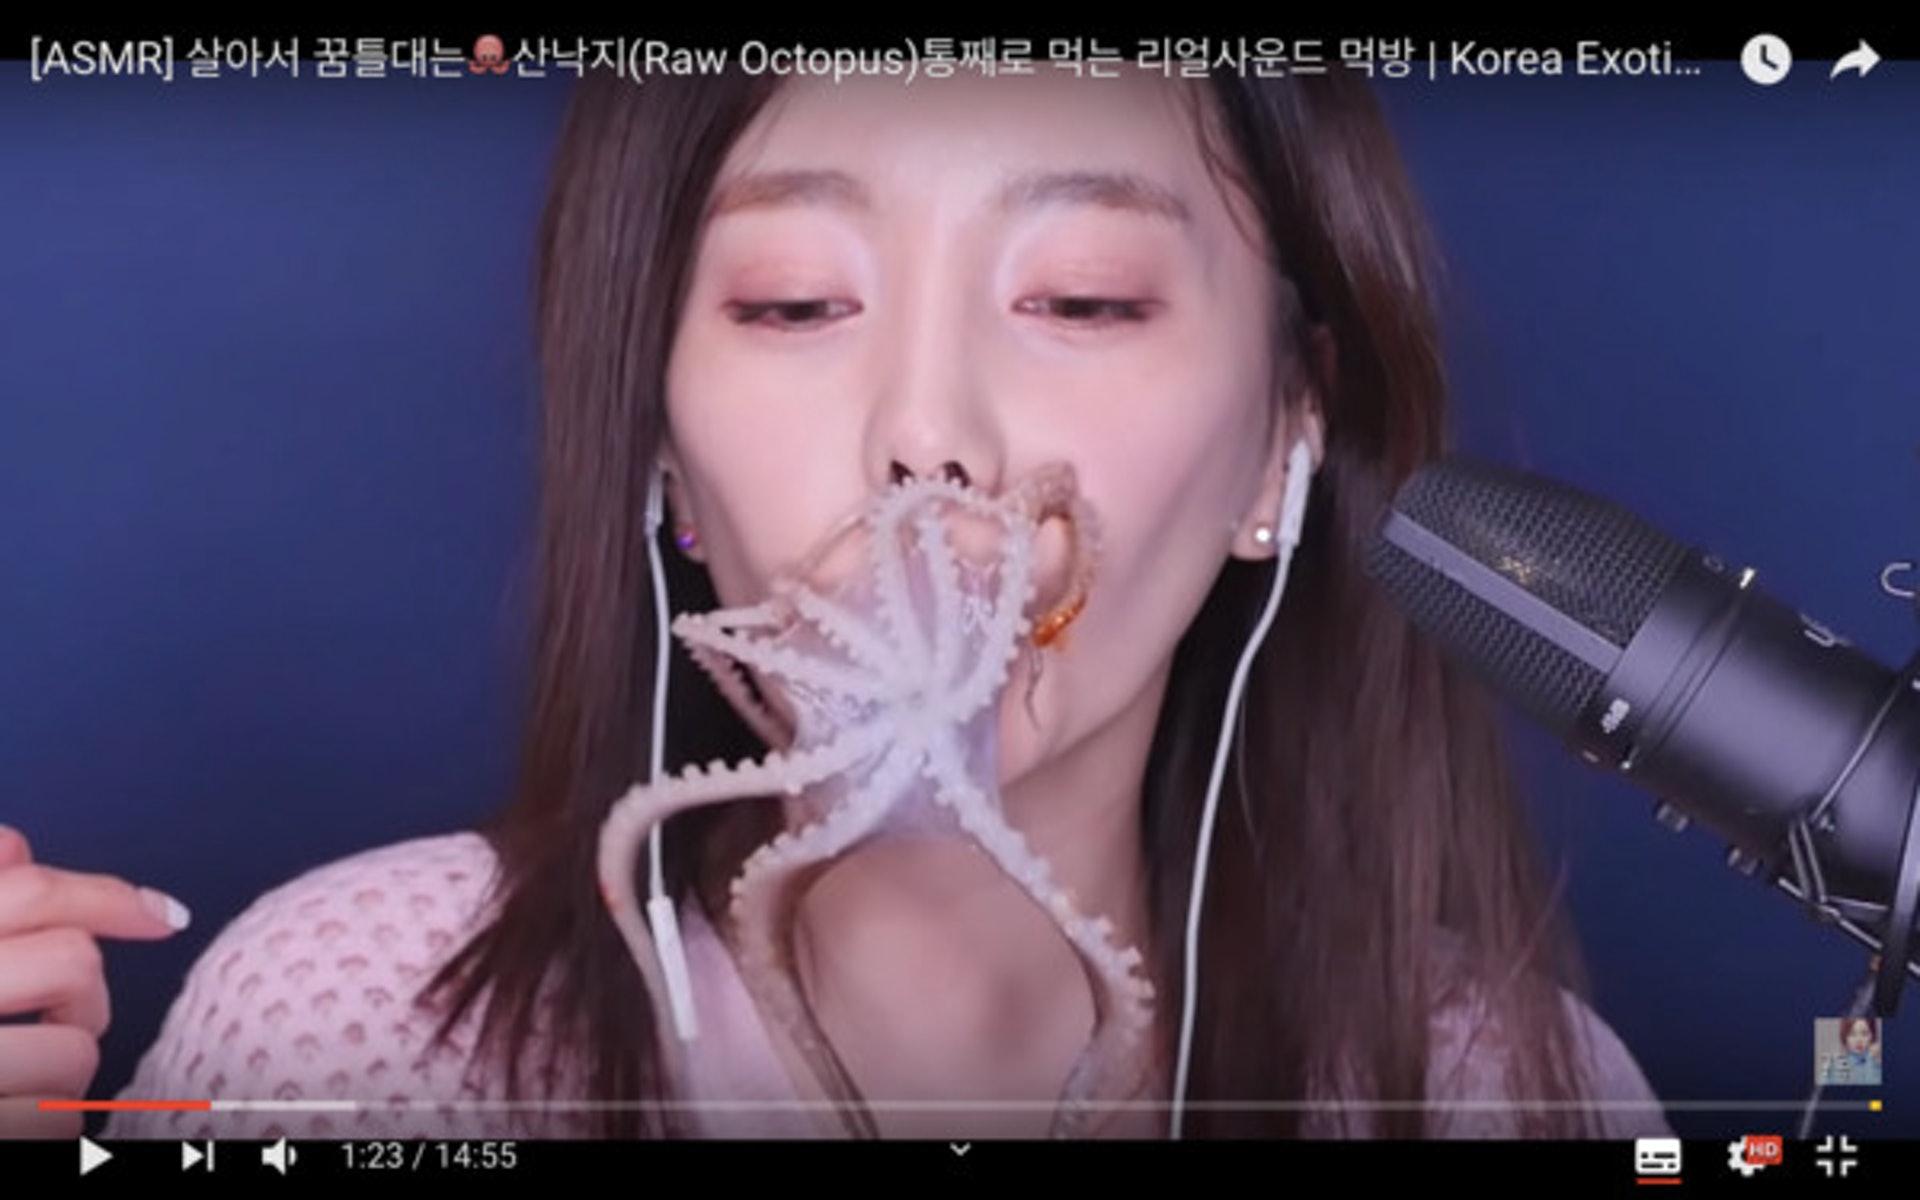 生吞原隻活八爪魚真係好恐怖。(youtube截圖)